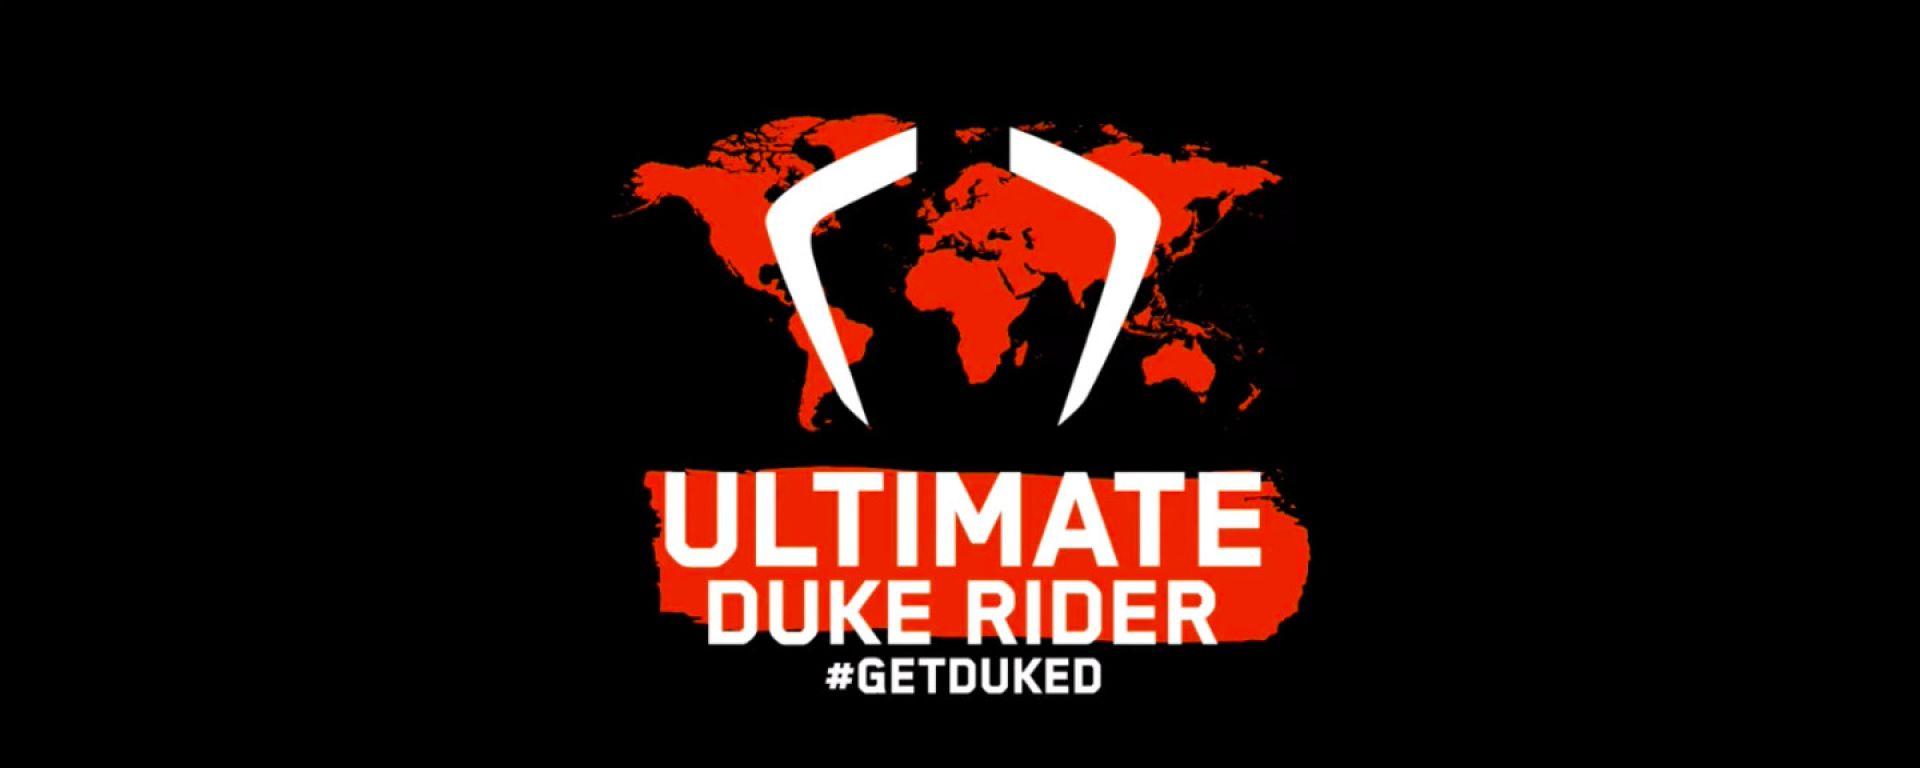 KTM cerca il prossimo Ultimate Duke Rider... e puoi essere tu!